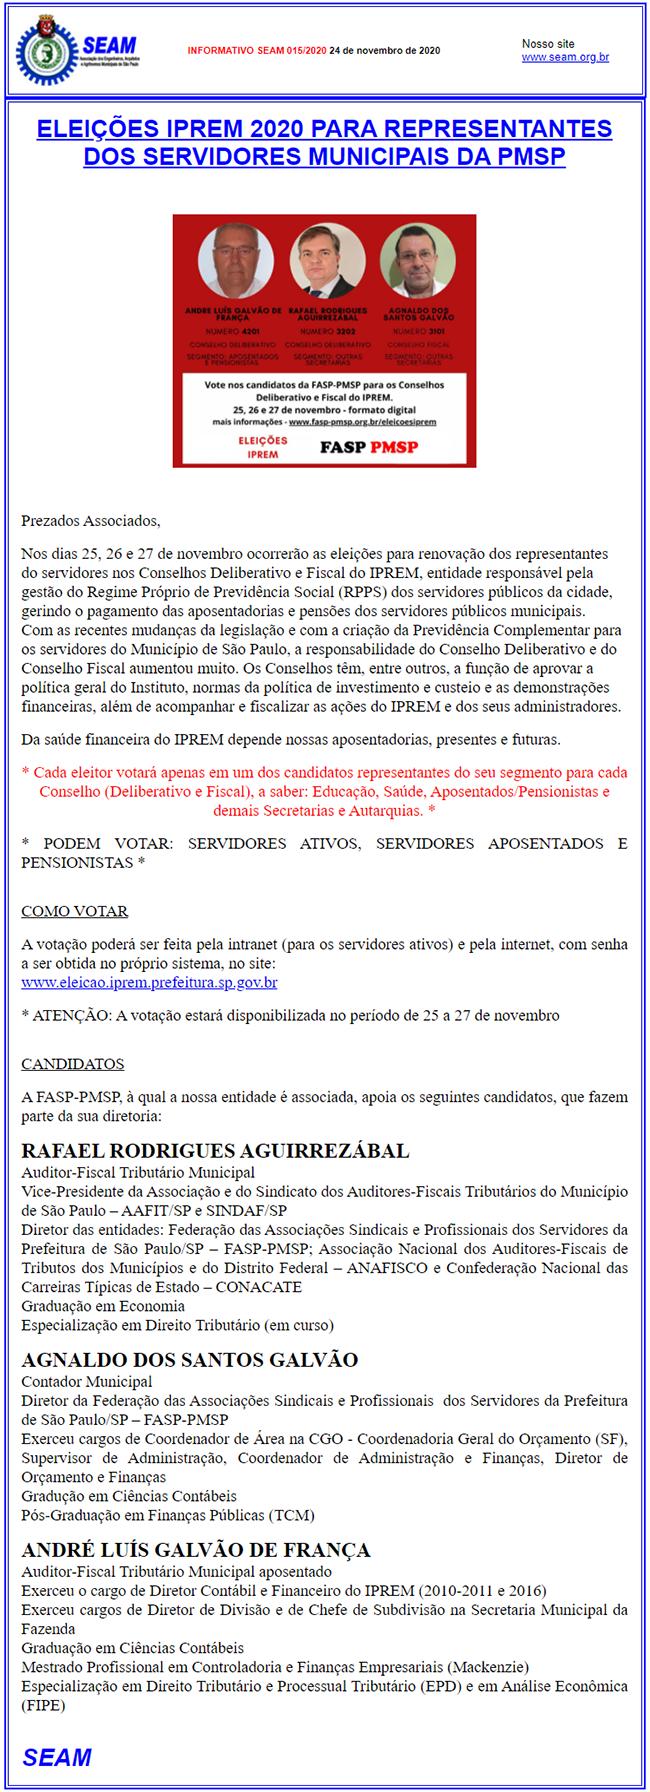 015 – ELEIÇÕES IPREM 2020 PARA REPRESENTANTES DOS SERVIDORES MUNICIPAIS DA PMSP